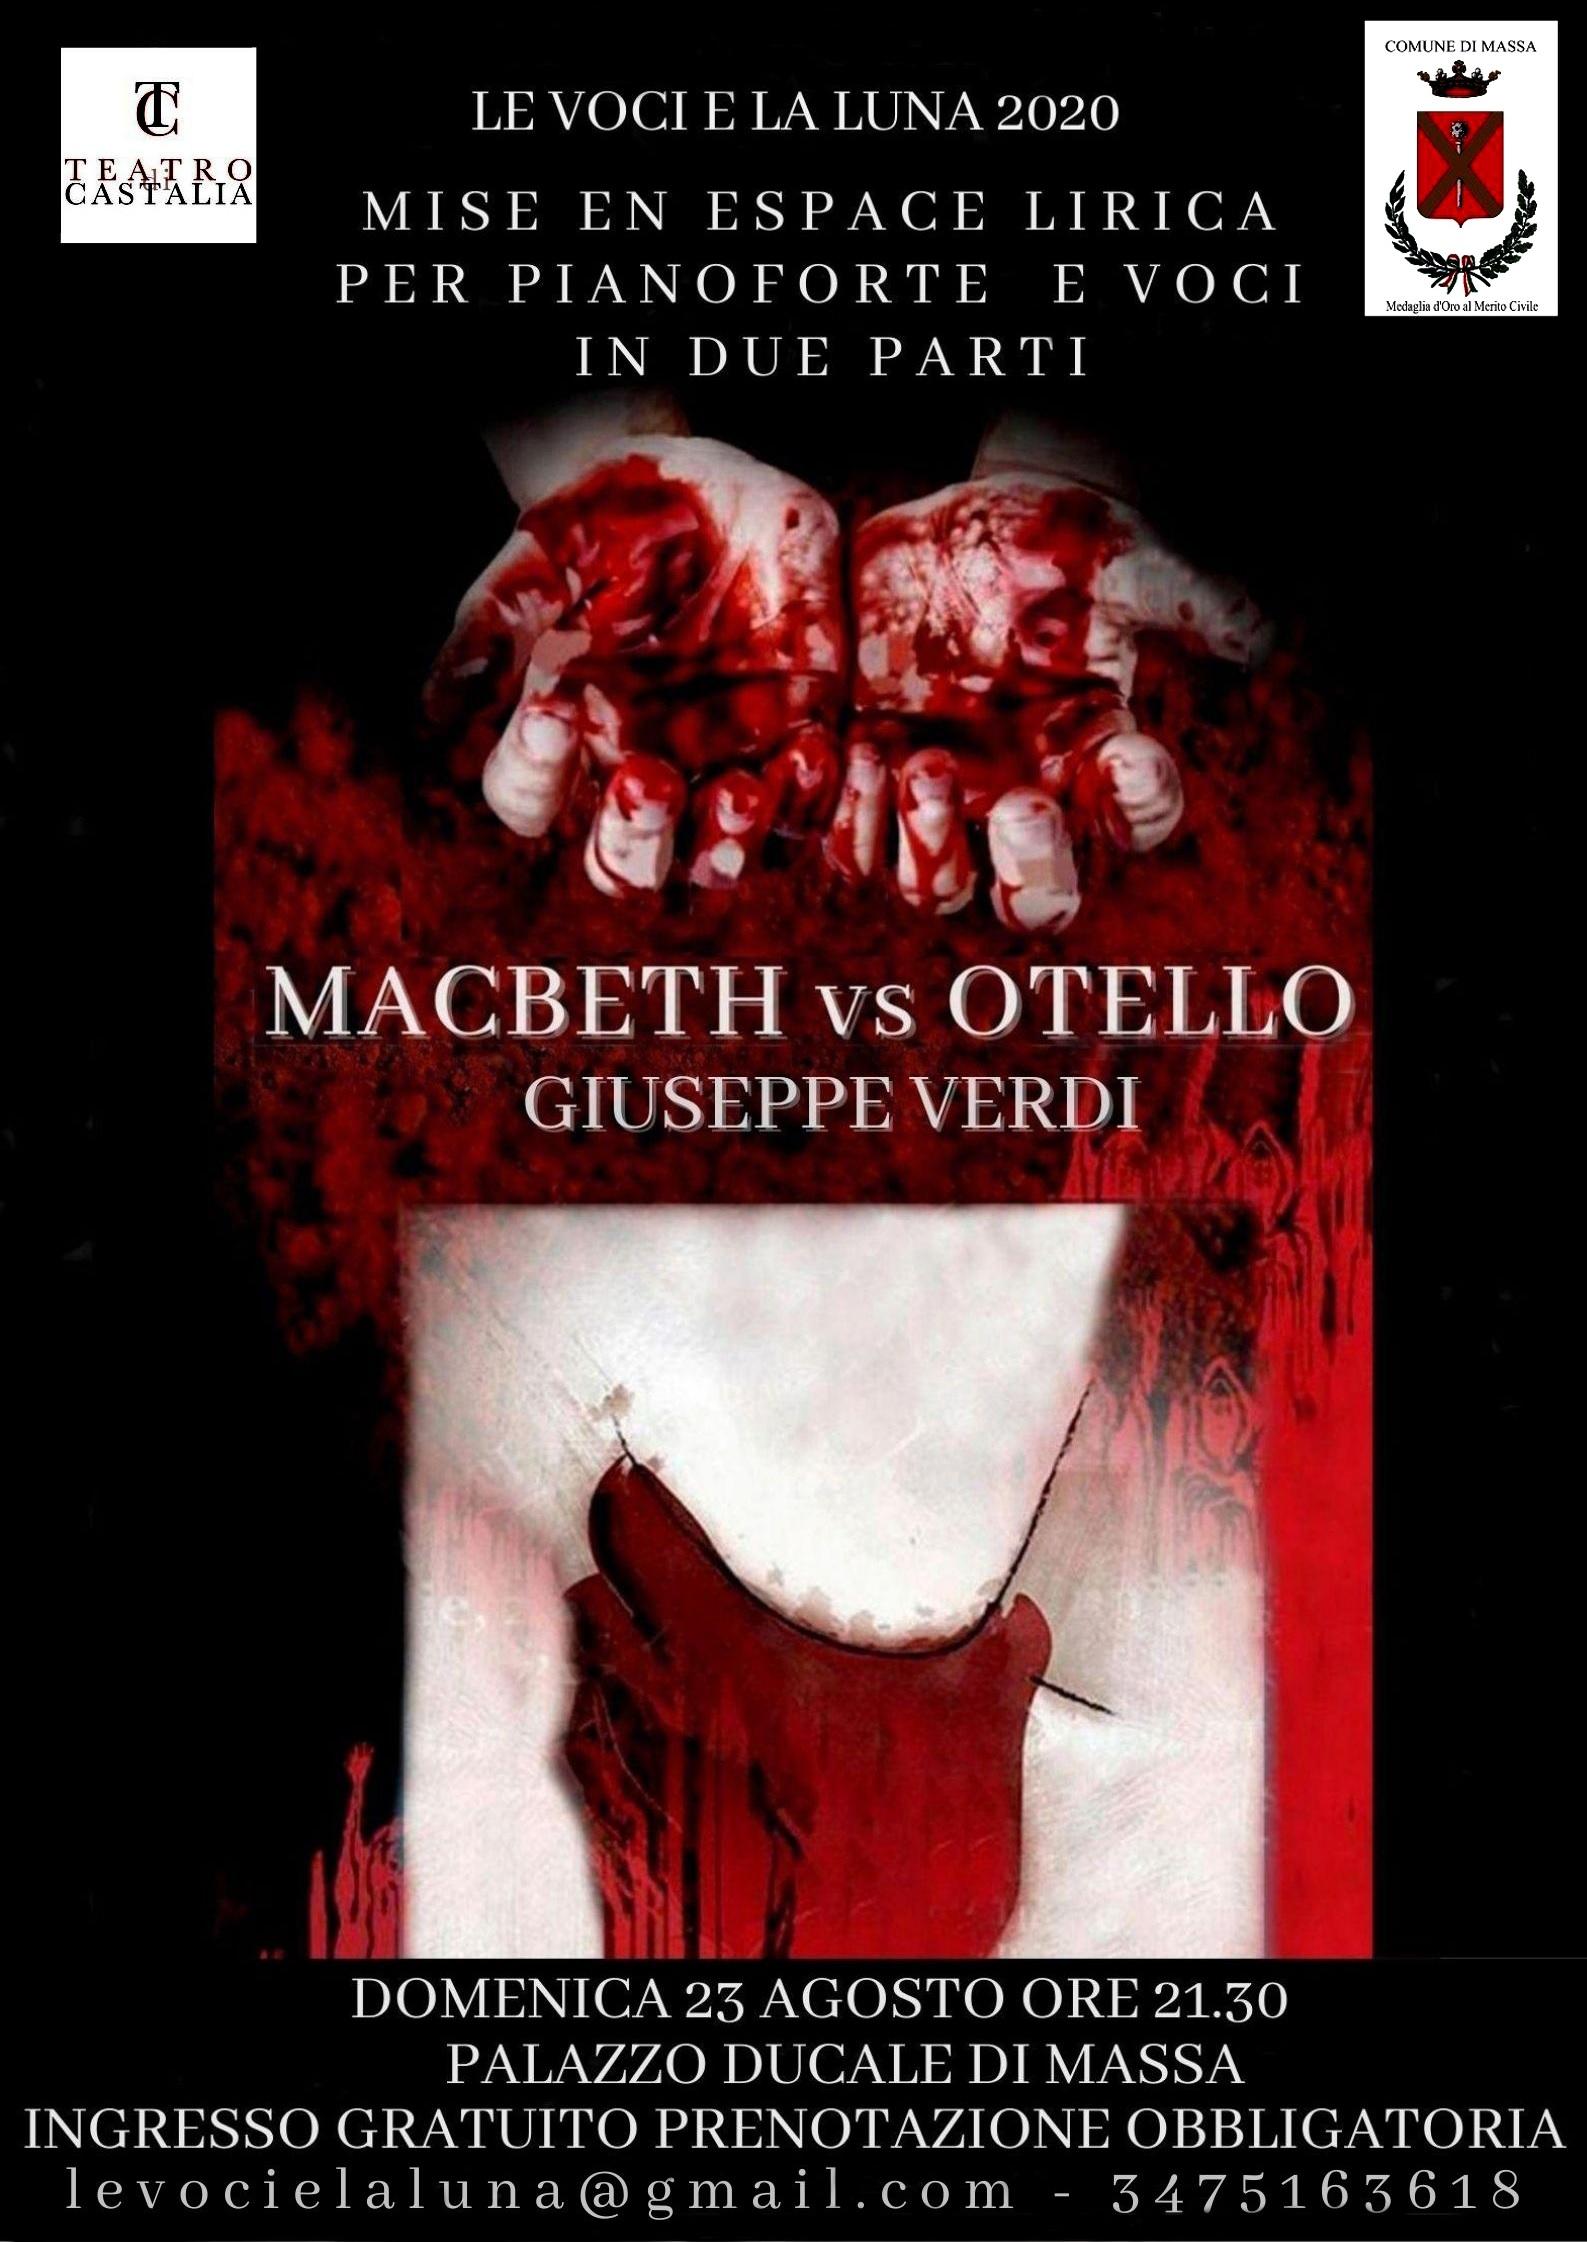 Macbeth vs. Otello